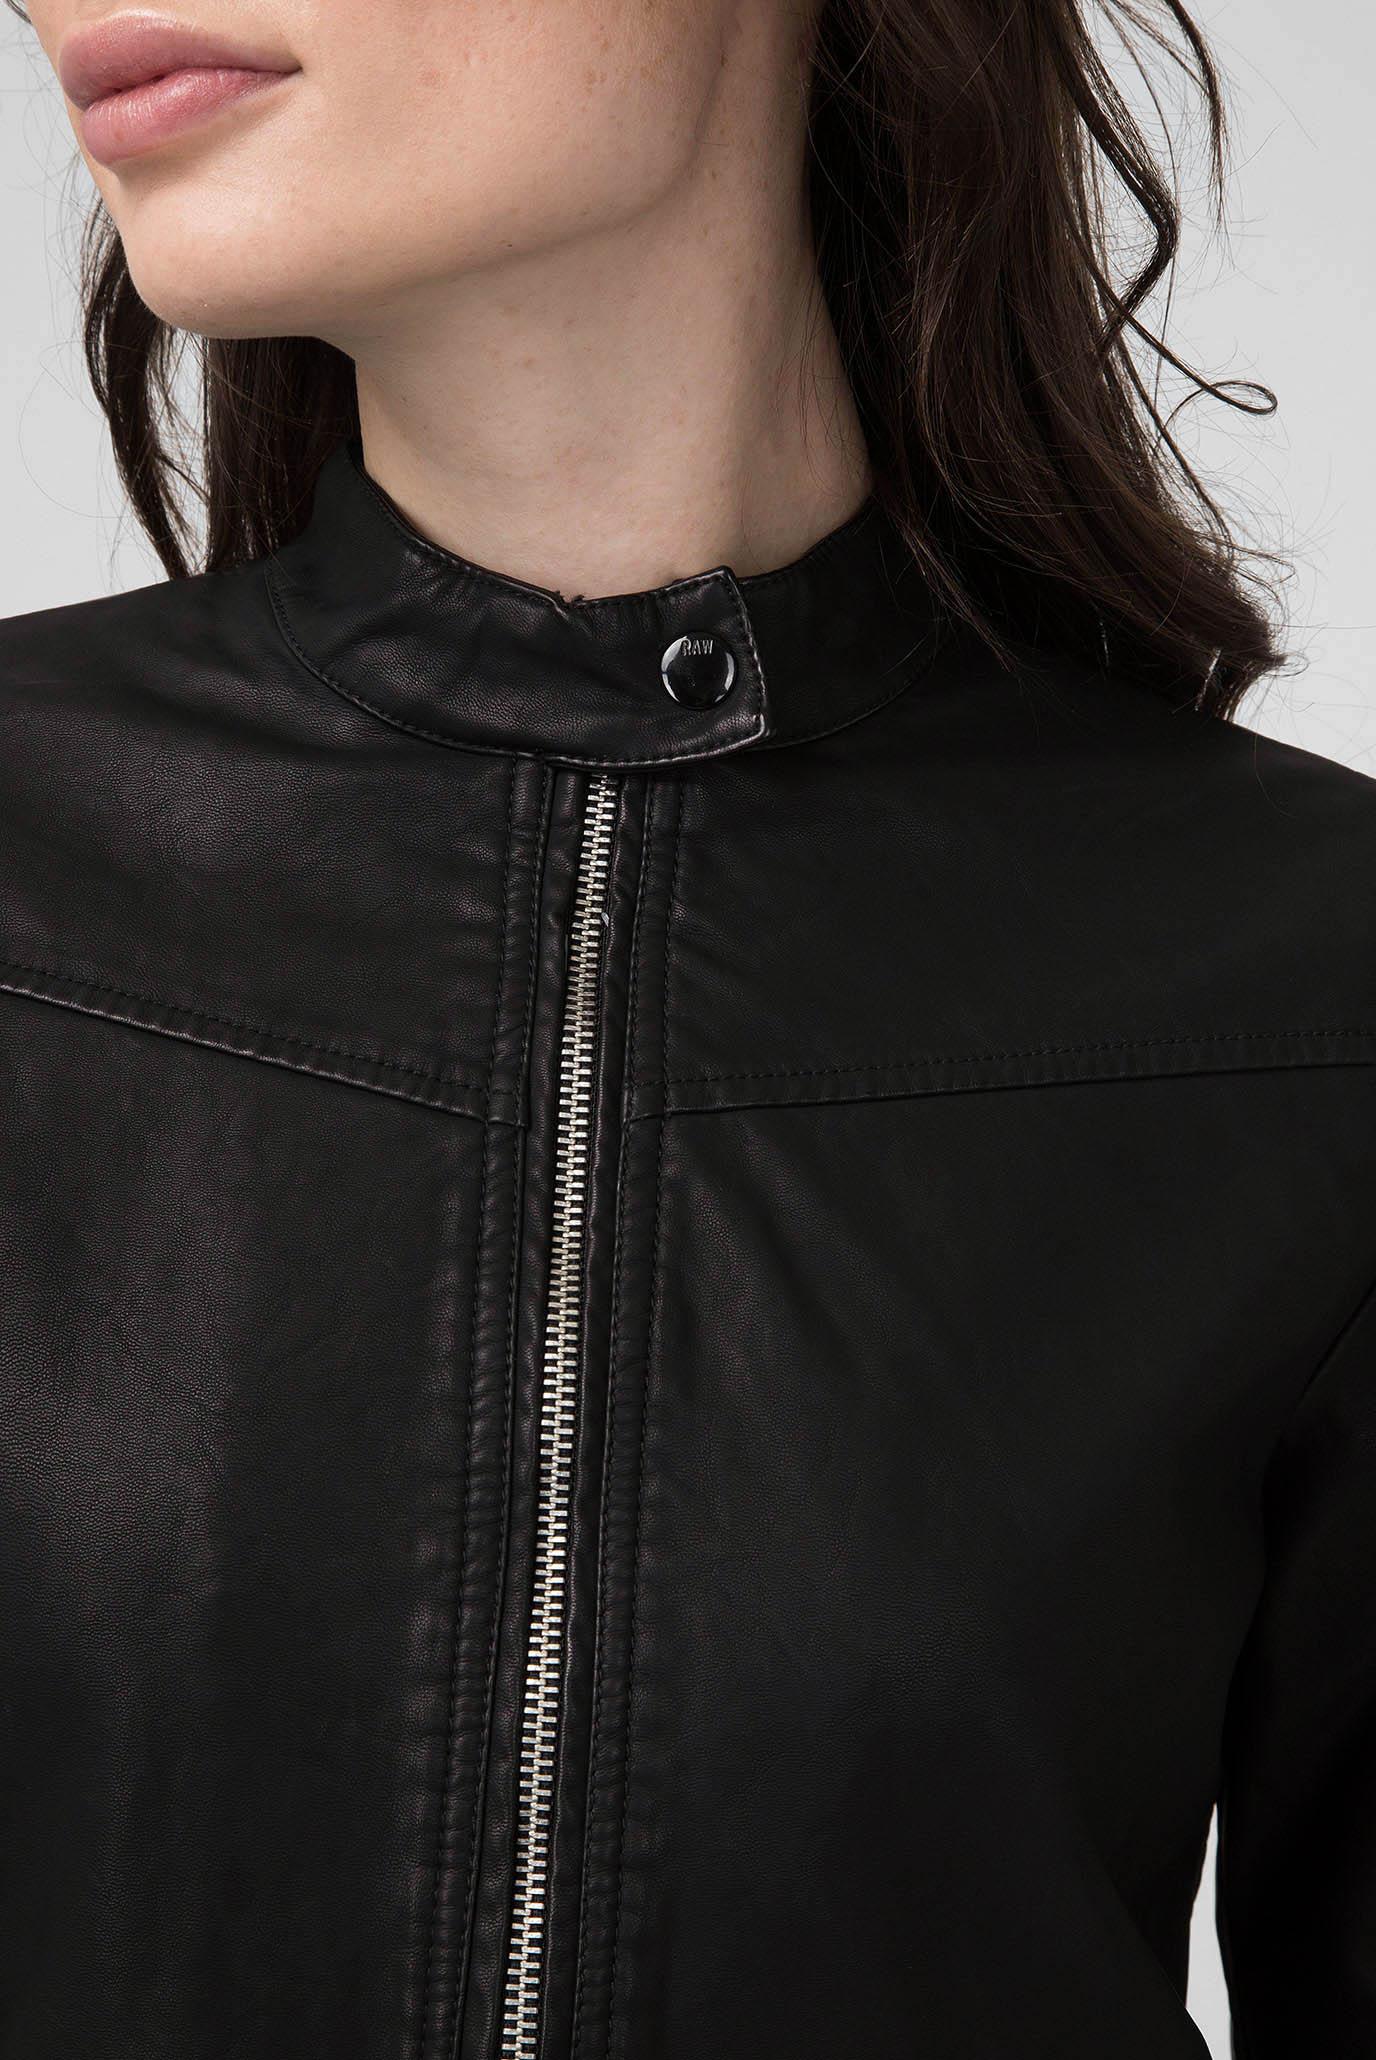 Купить Женская черная куртка Chopper  G-Star RAW G-Star RAW D10322,5802 – Киев, Украина. Цены в интернет магазине MD Fashion